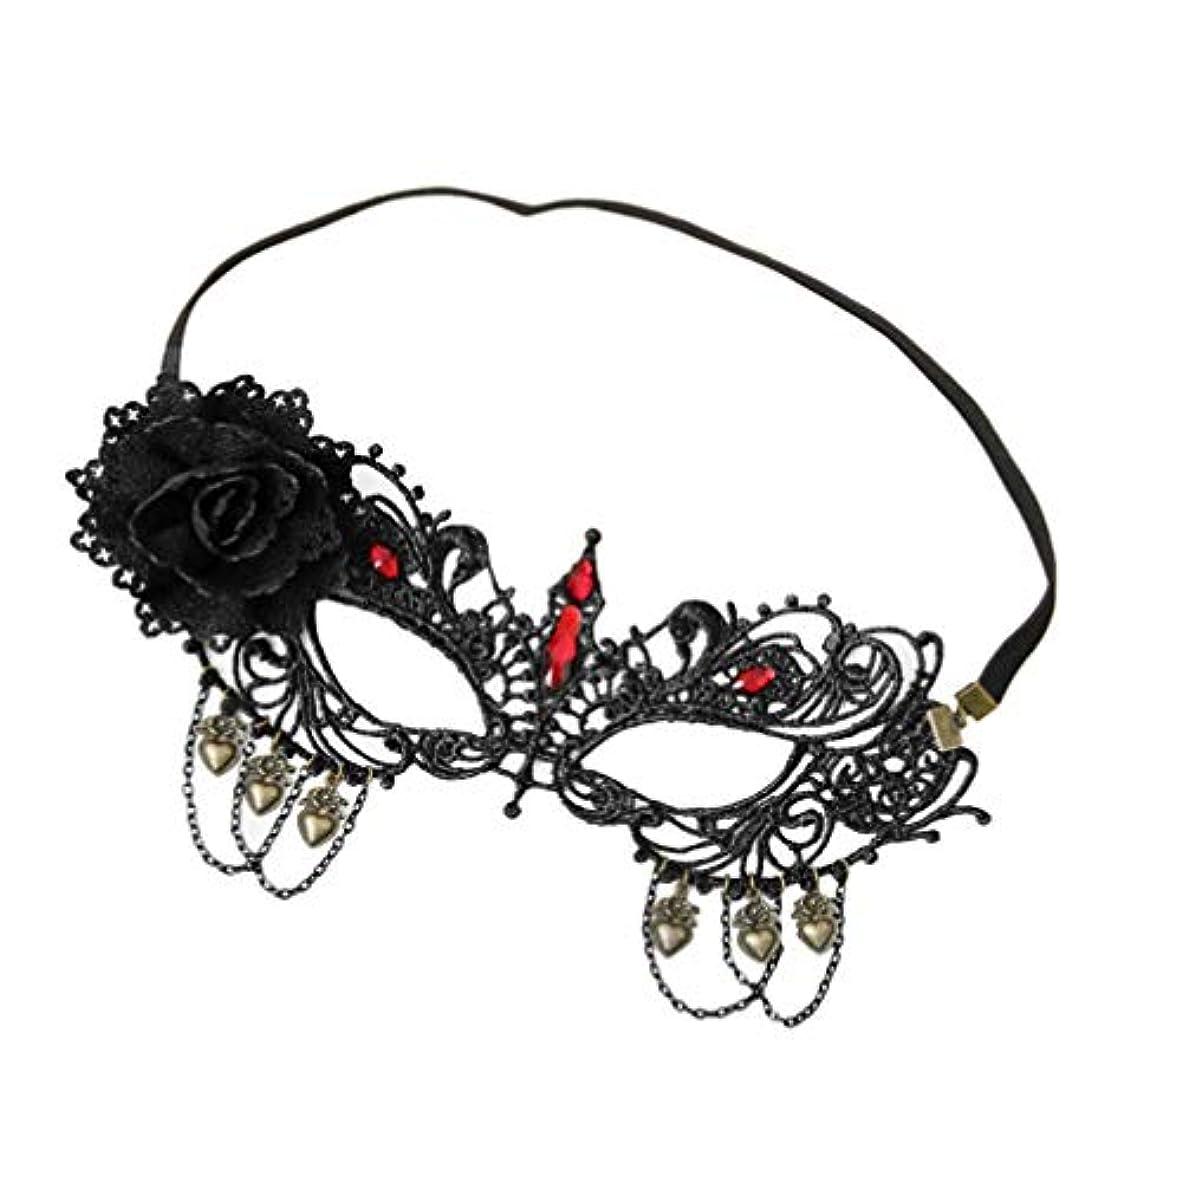 二仲間、同僚同情SUPVOX ラインストーン付きレースハーフフェイスマスクマスカレードパーティー仮装衣装ハロウィンのための花の調節可能なカットアウト